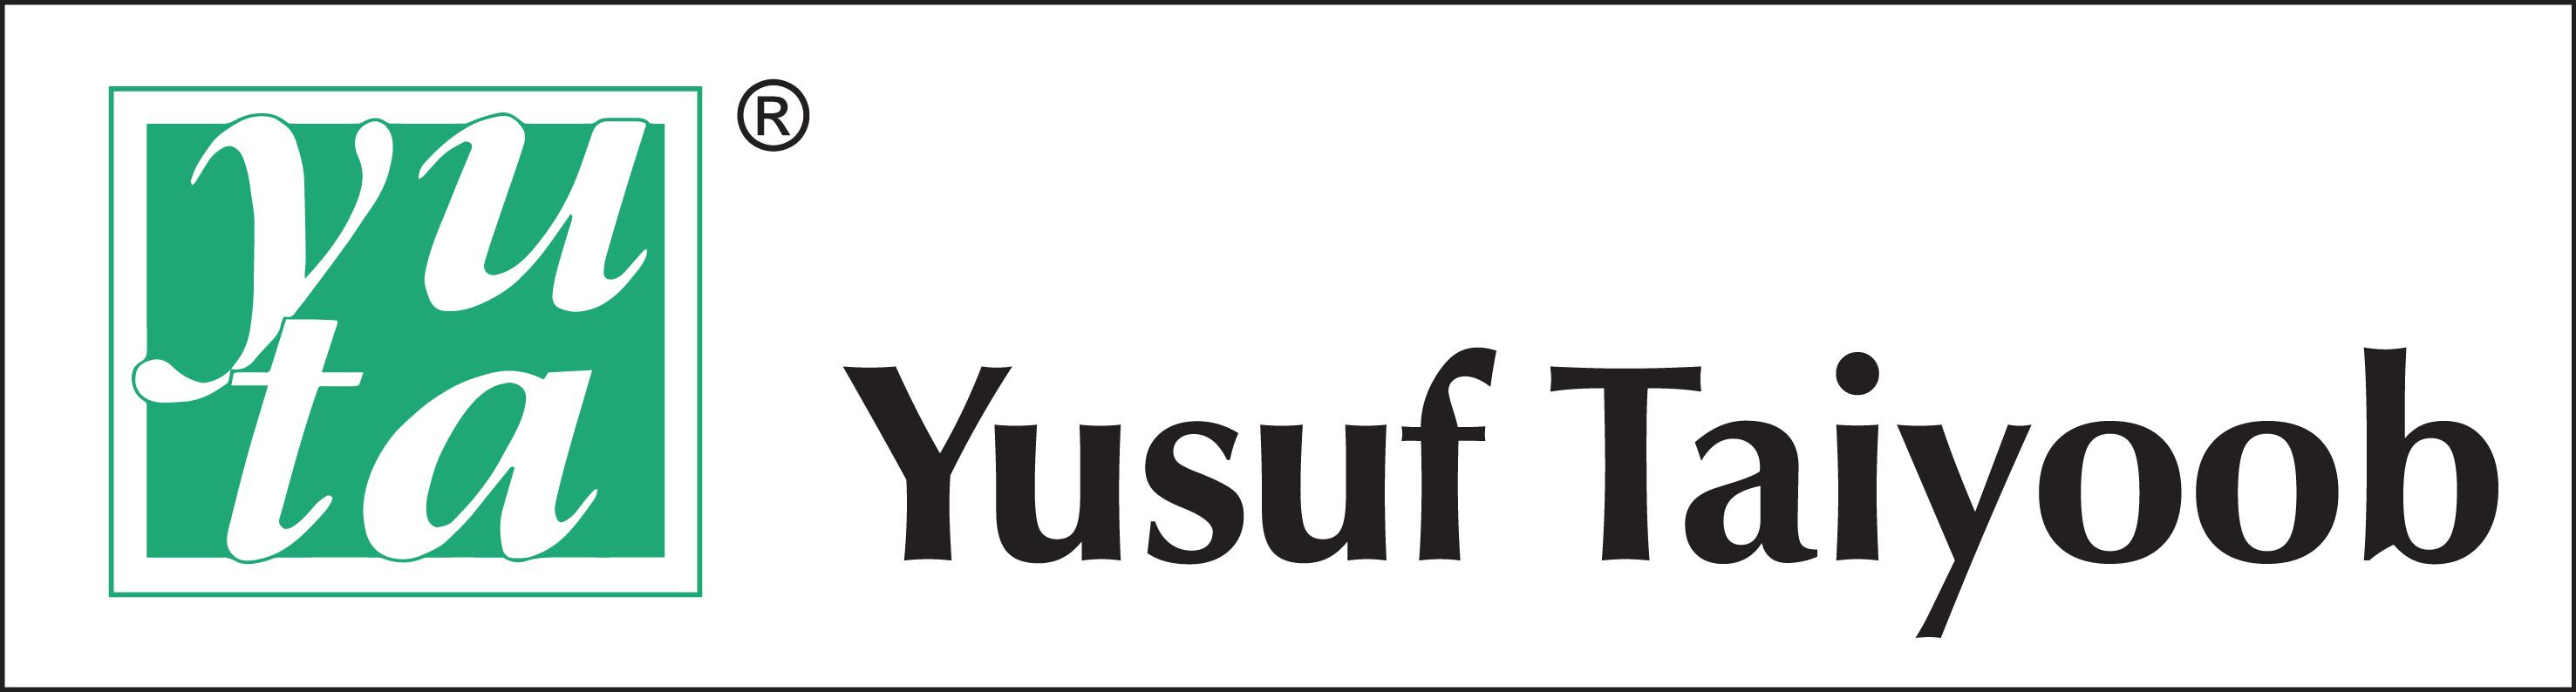 YUSUF TAIYOOB